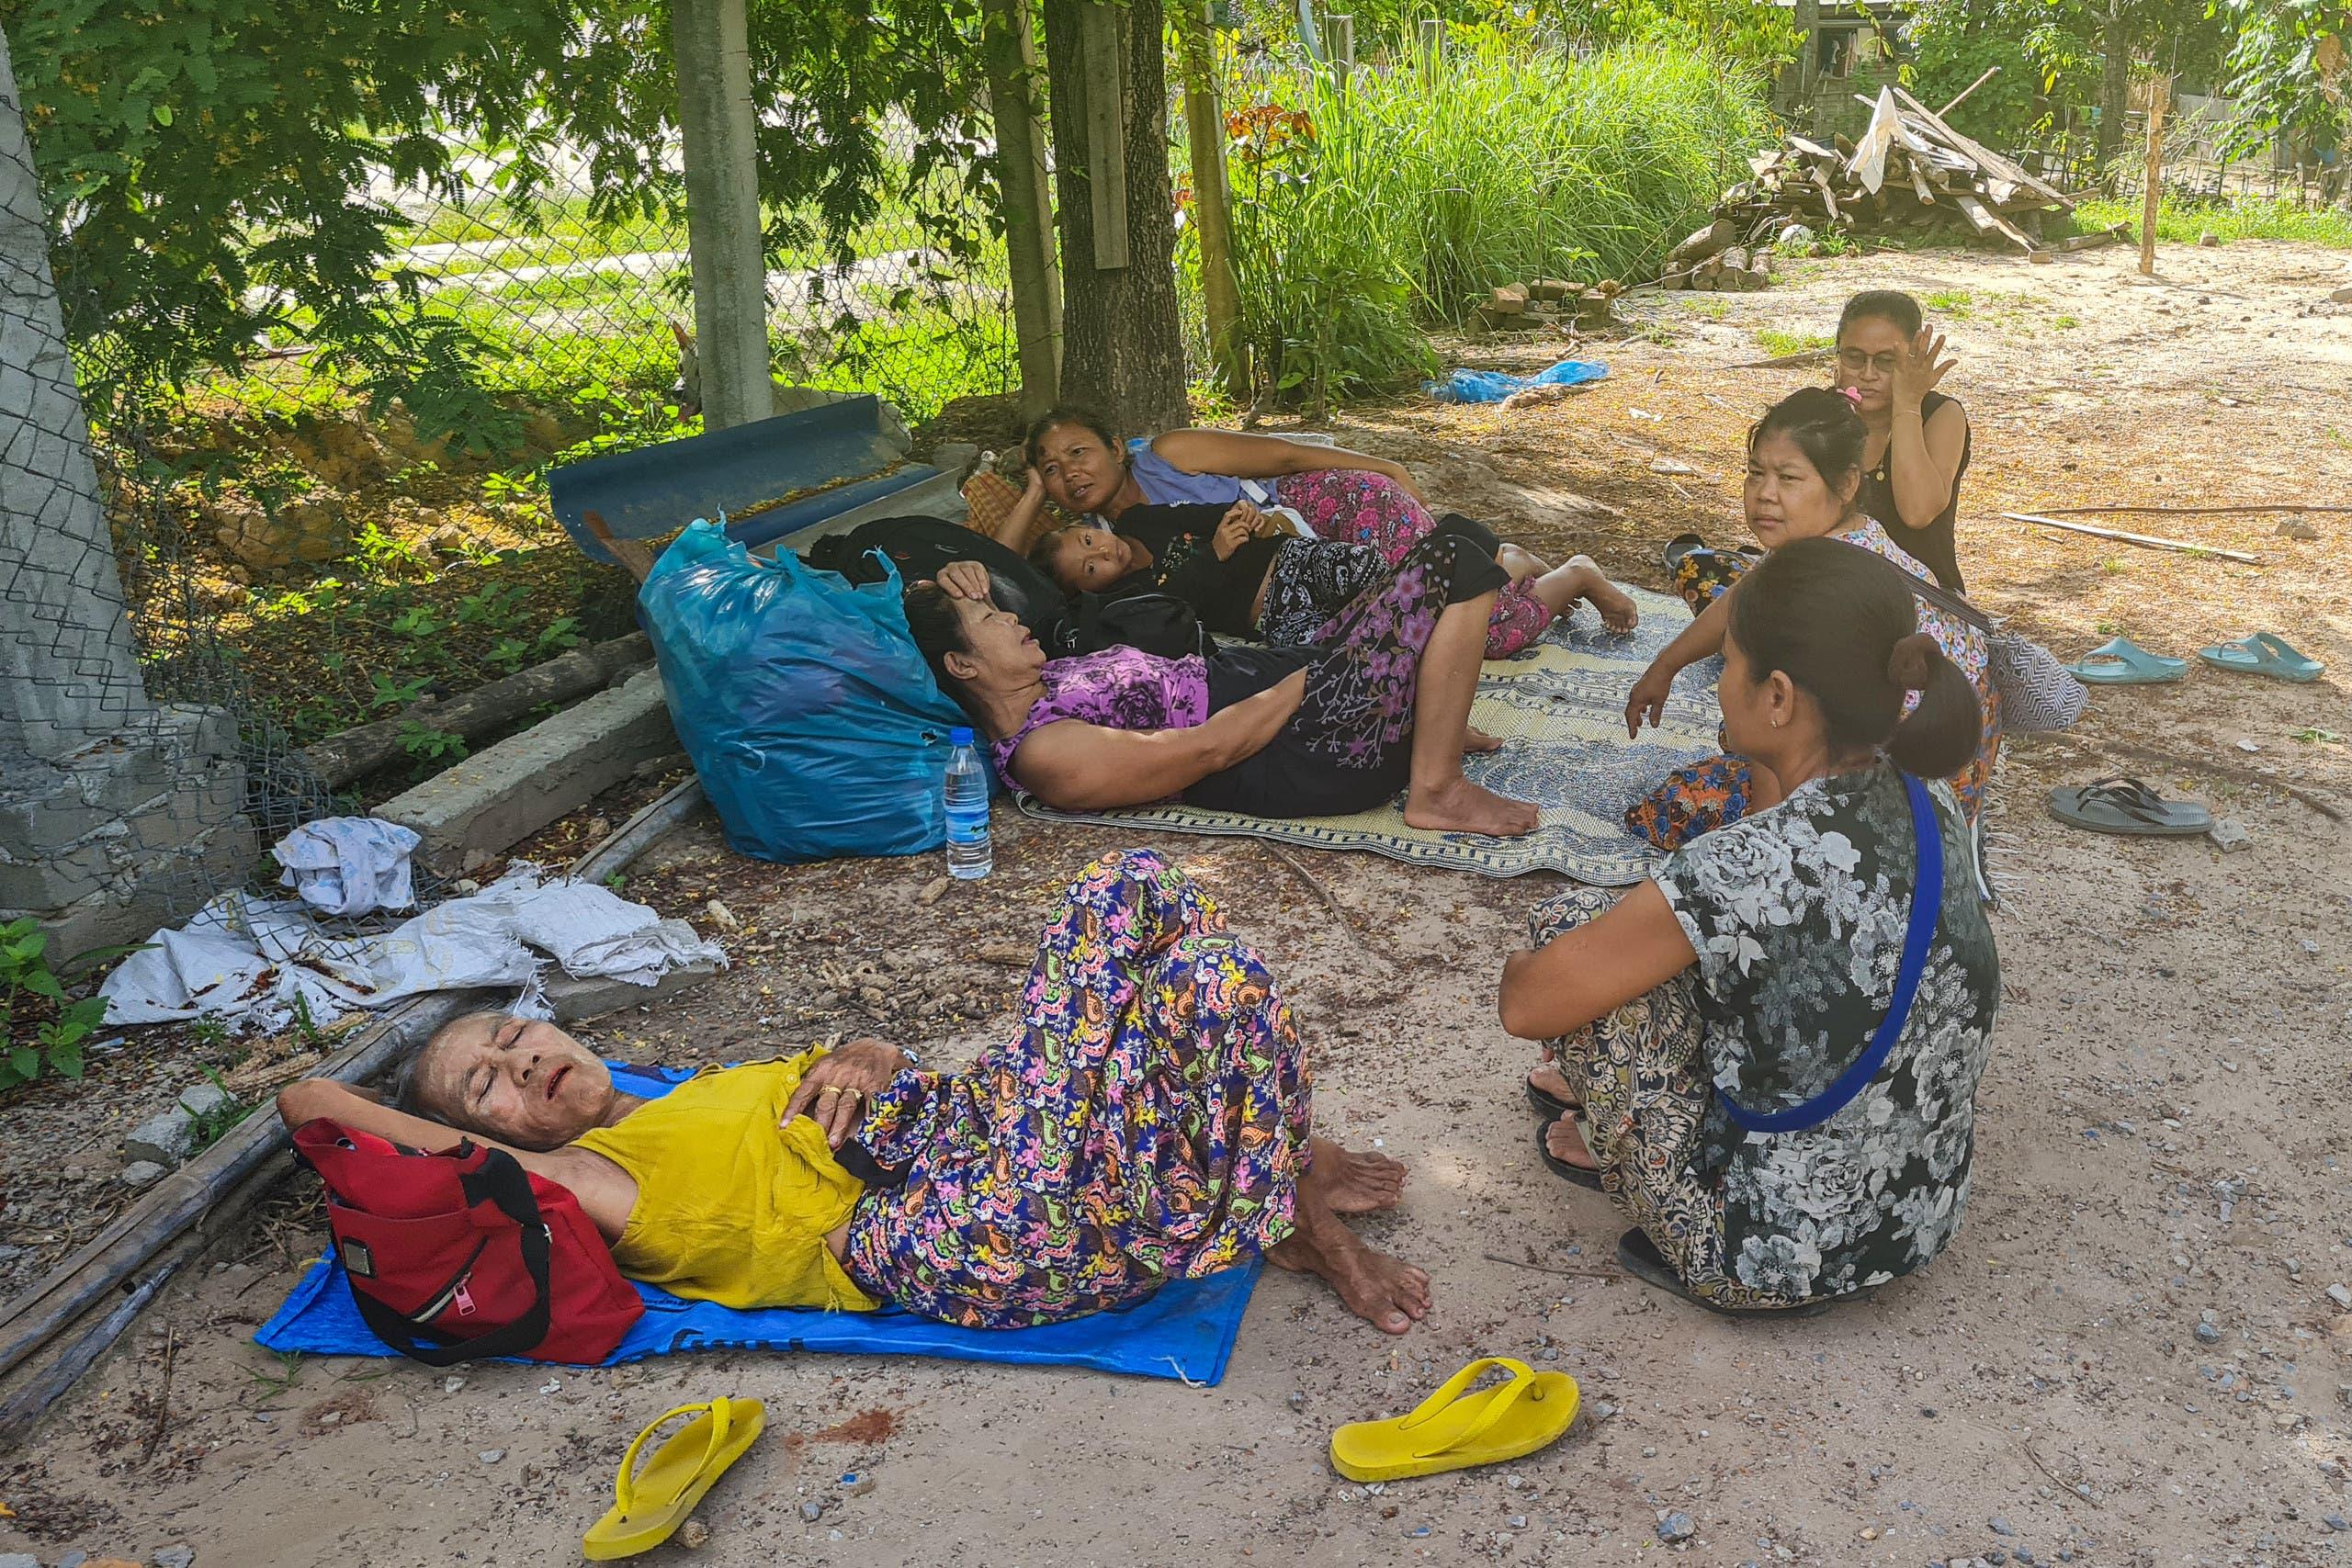 Myanmar's military junta accuses ethnic group of killing 25 workers